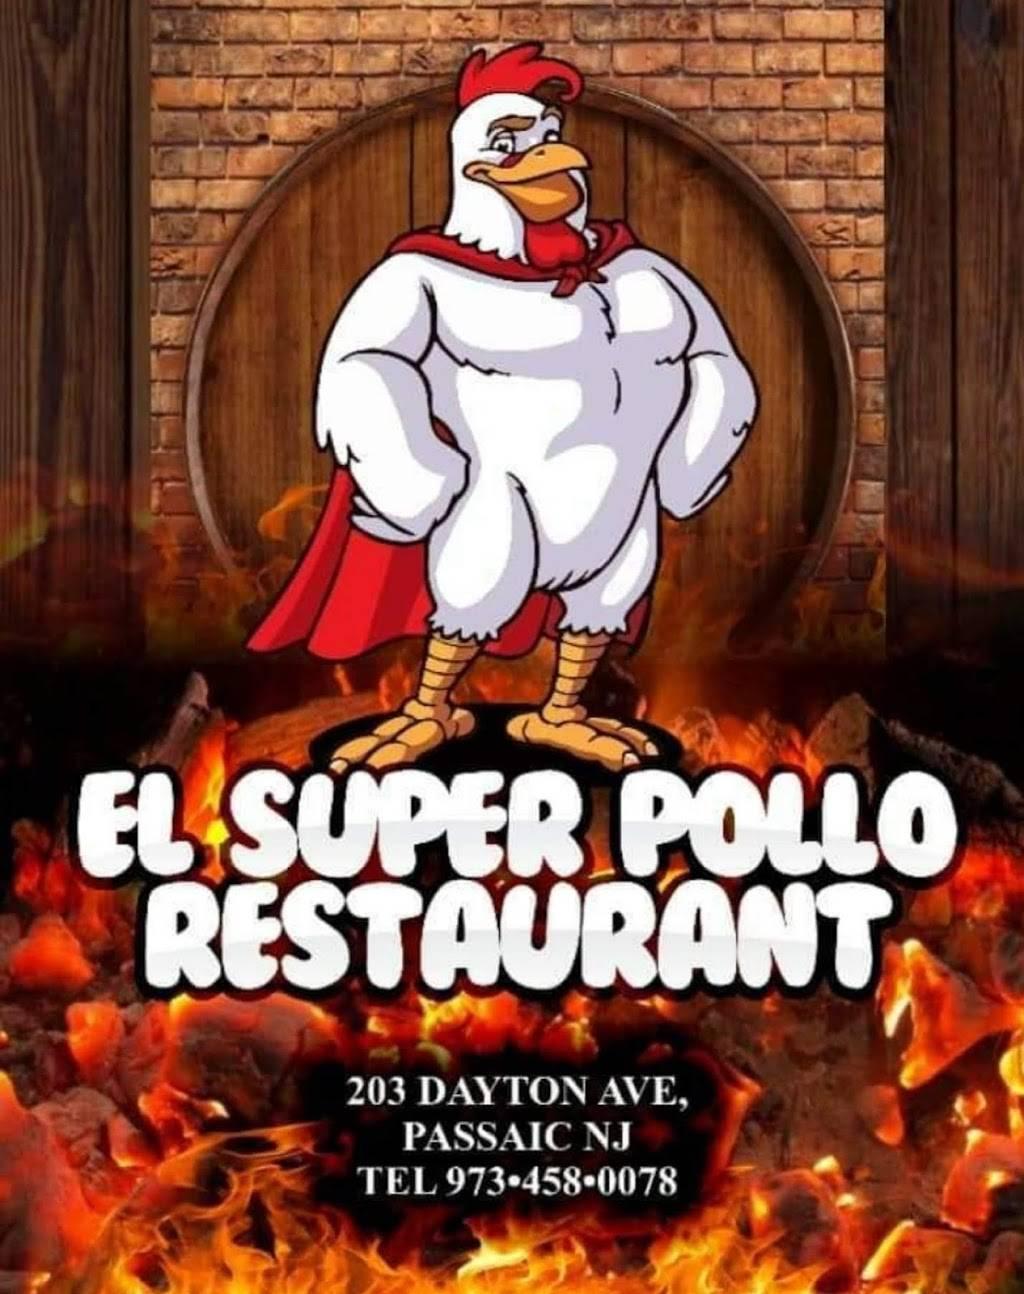 El Super Pollo | restaurant | 203 Dayton Ave, Passaic, NJ 07055, USA